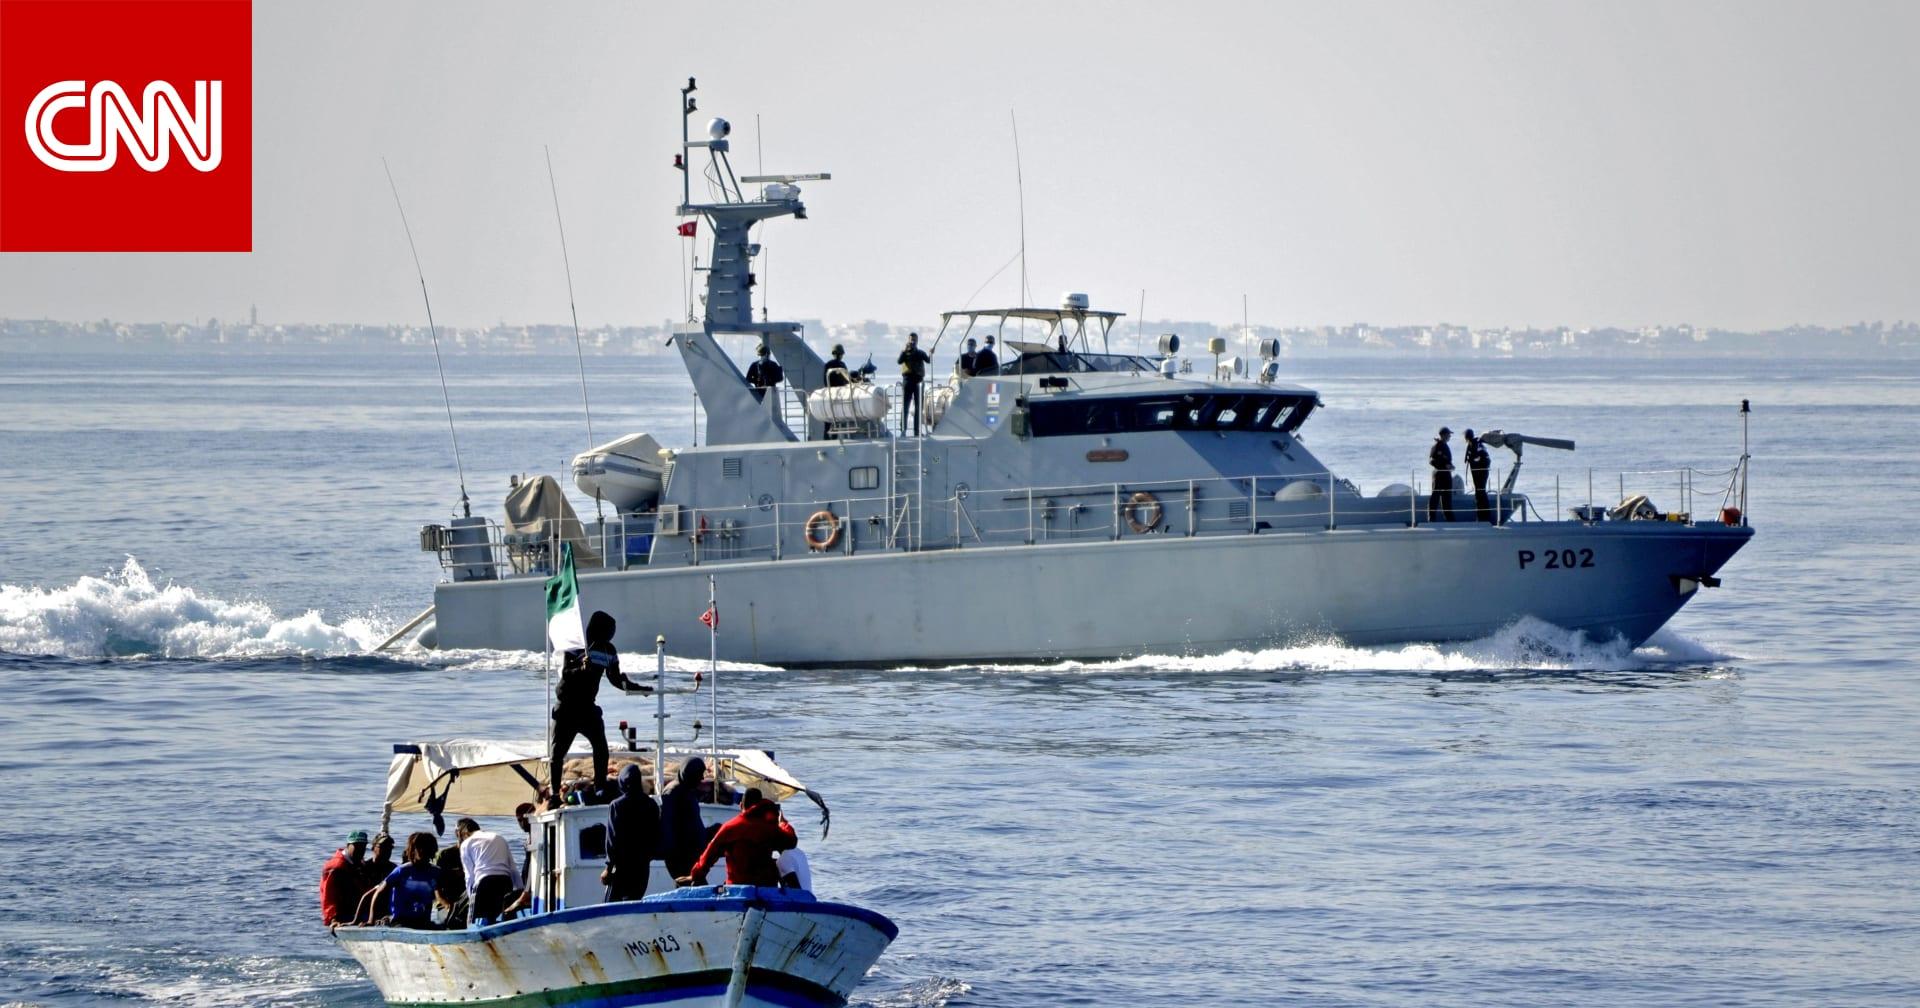 انتشال 41 جثة مهاجرة بعد انقلاب قارب قبالة سواحل تونس